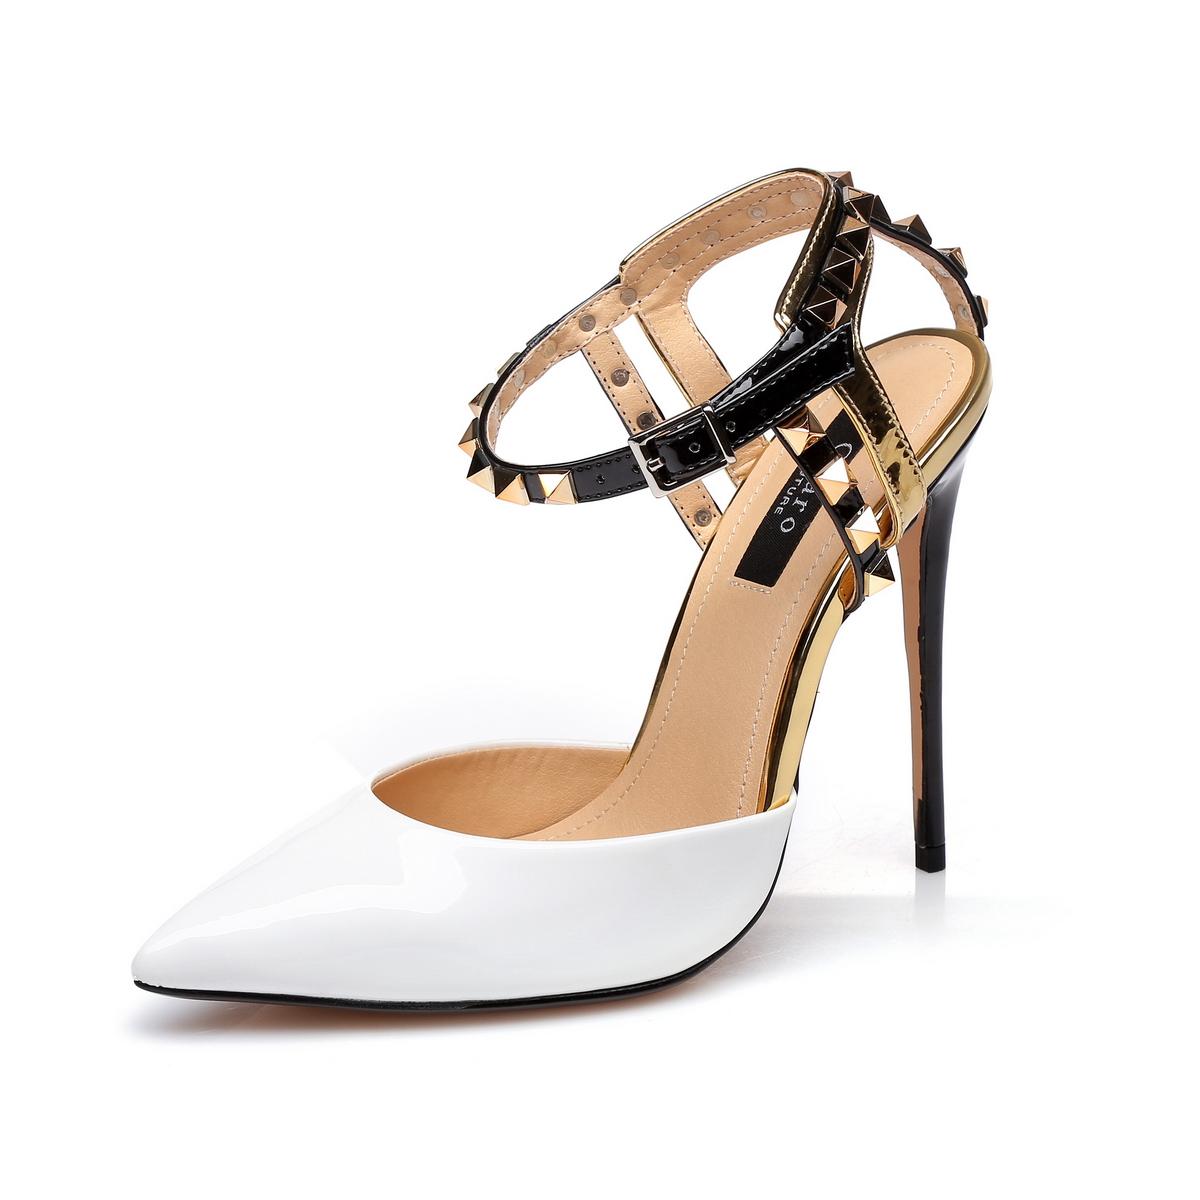 GIARO - Damen High Heel - Weiß Schuhe in Übergrößen – Bild 1